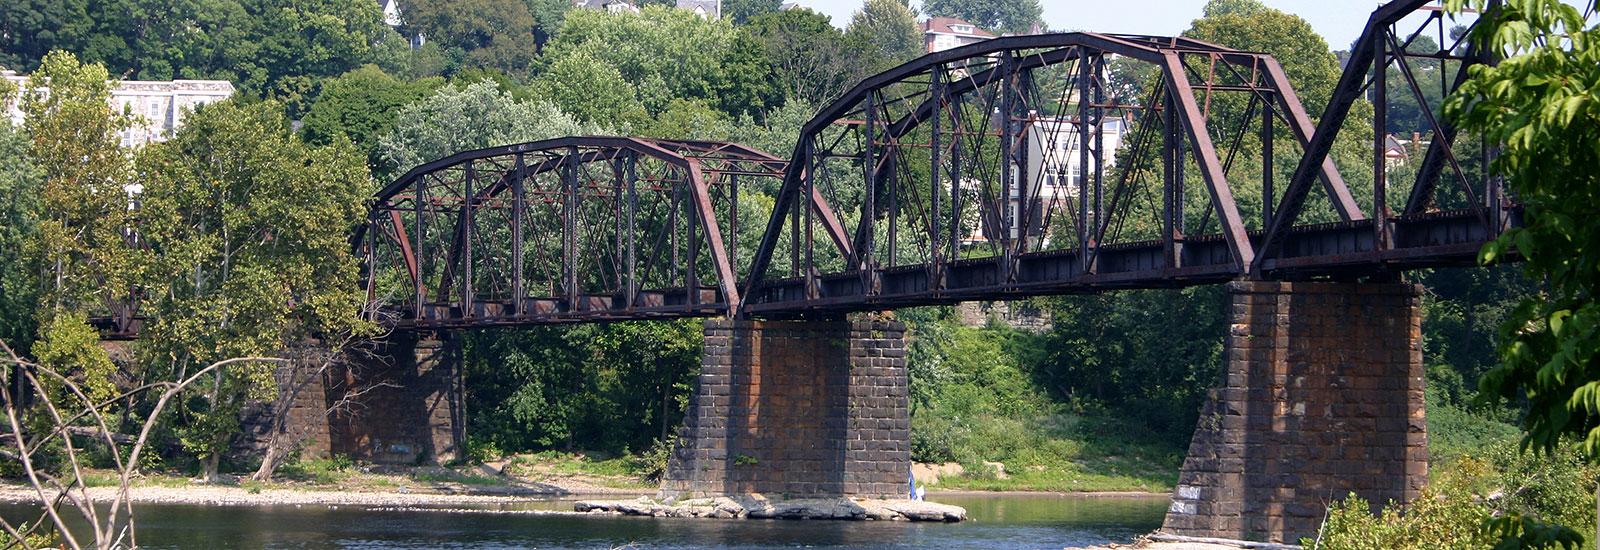 Easton Bridge